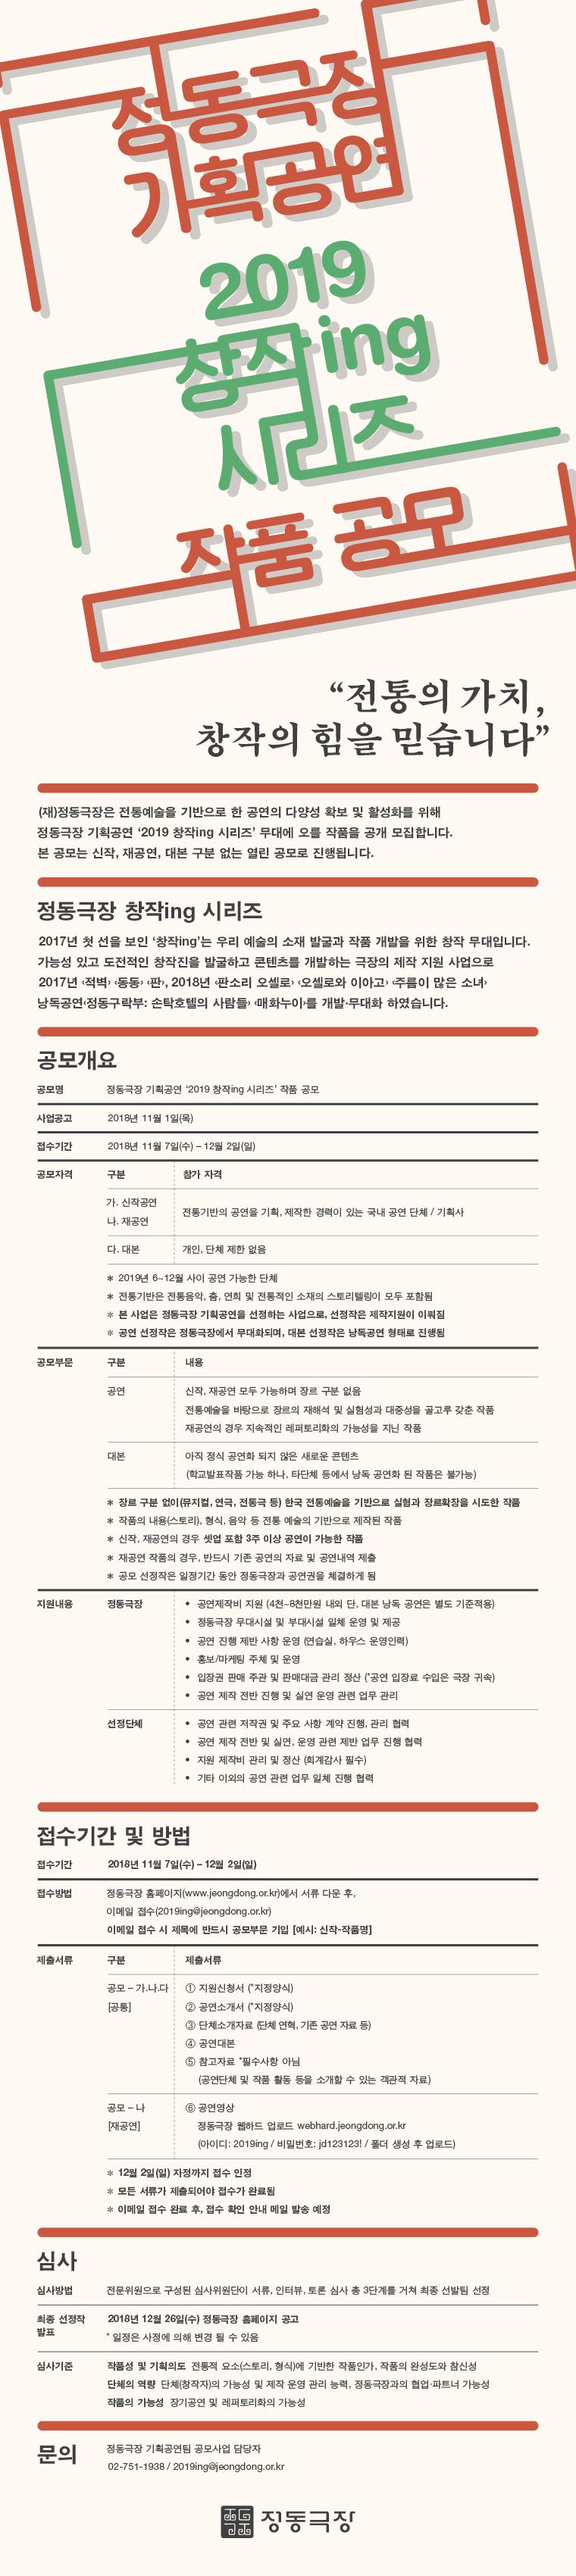 정동극장 기획공연 2019 창작ing 시리즈 작품공모이미지1